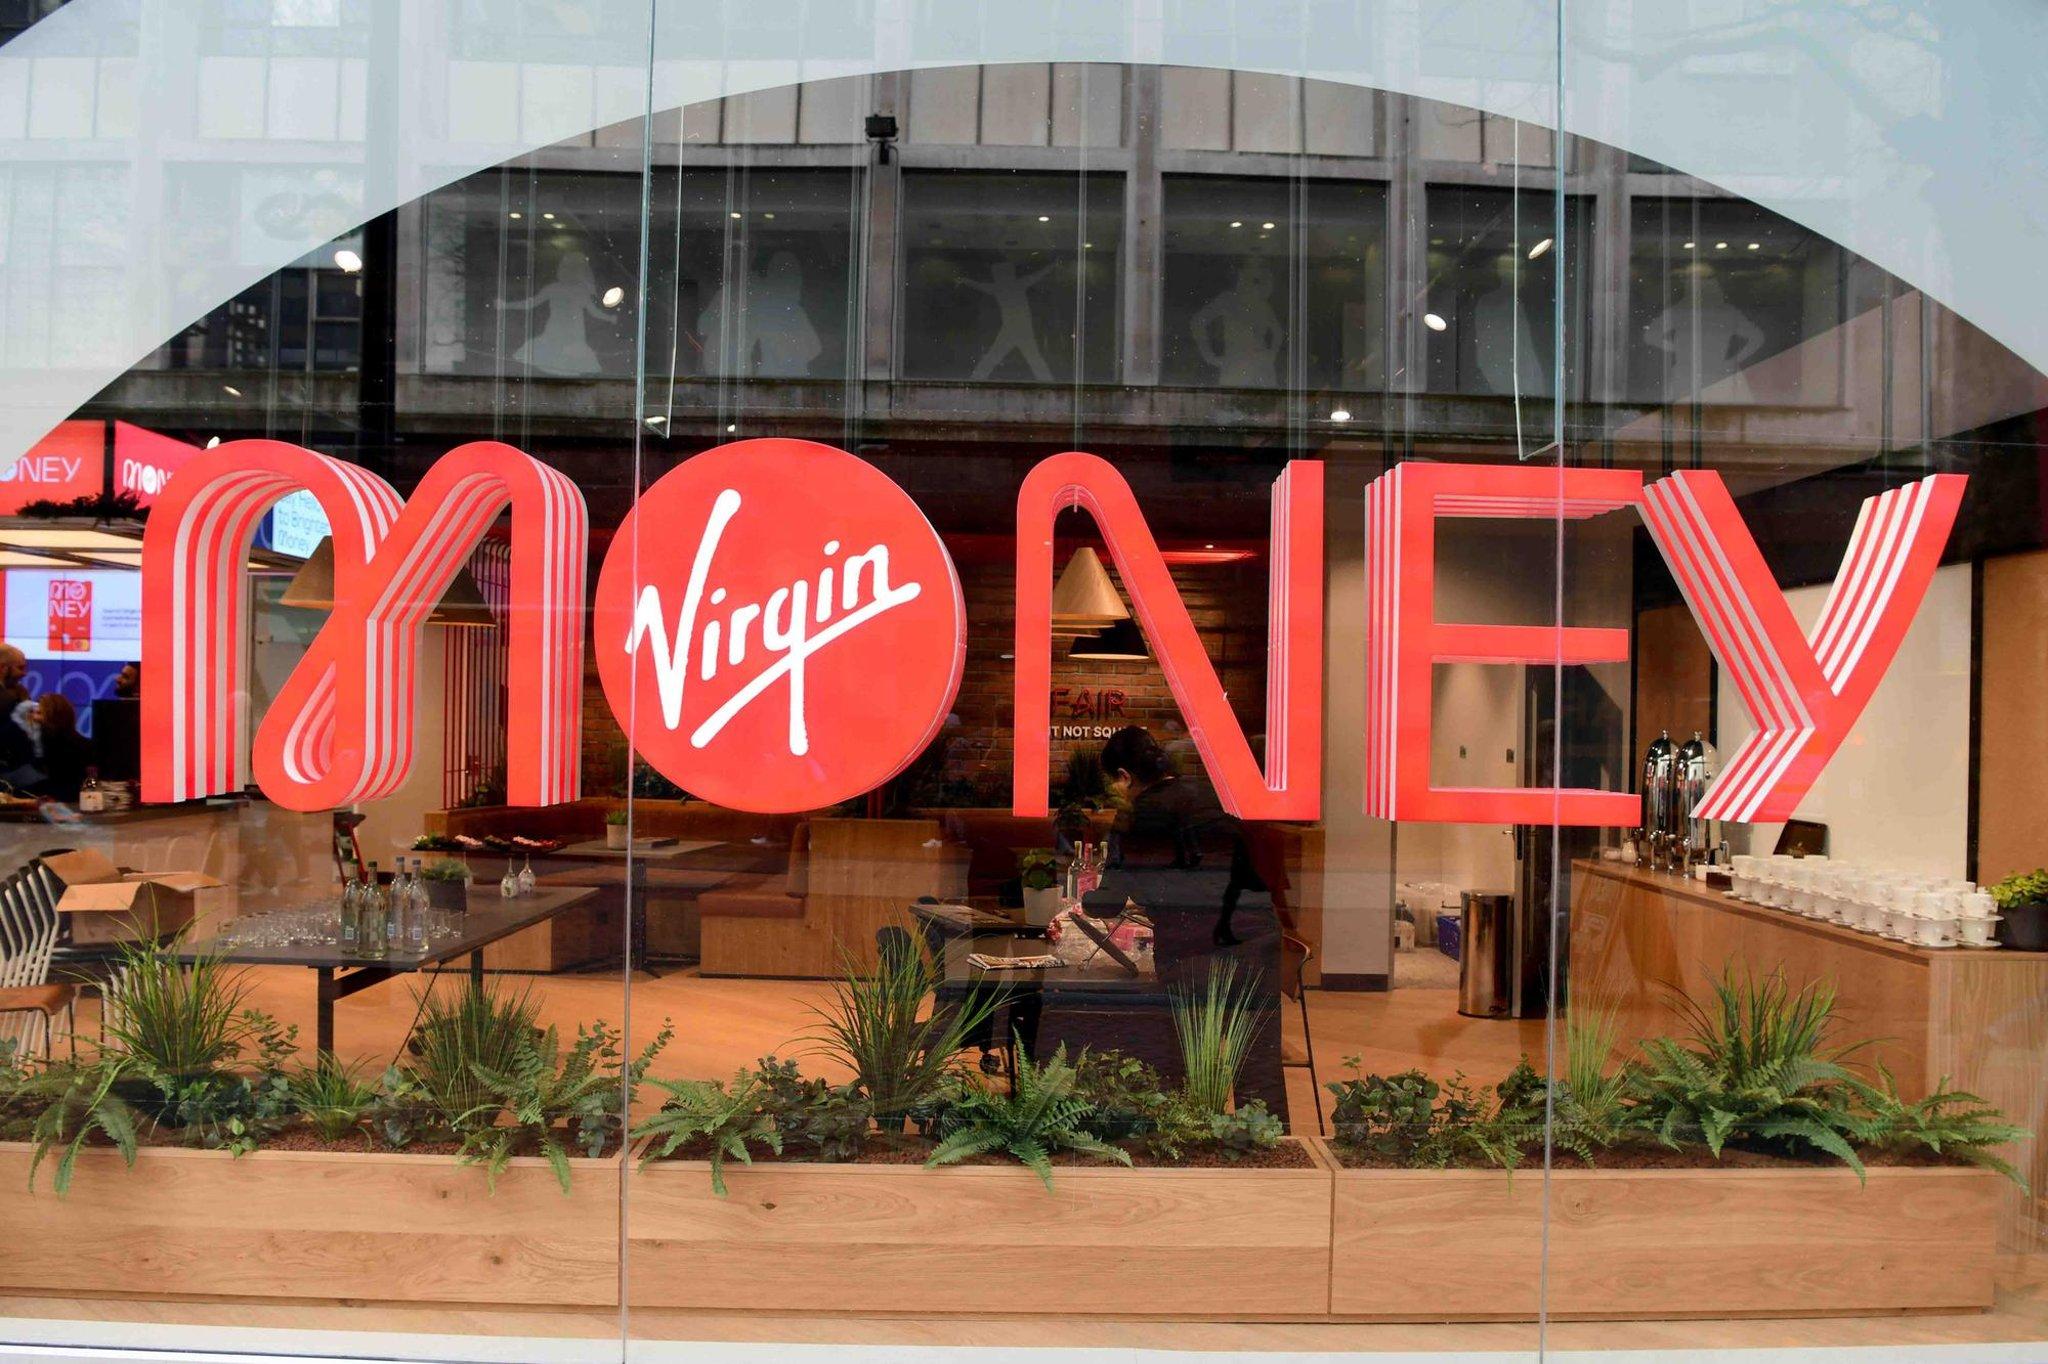 Glasgow-based lender Virgin Money swings back to black amid brighter outlook: reaction